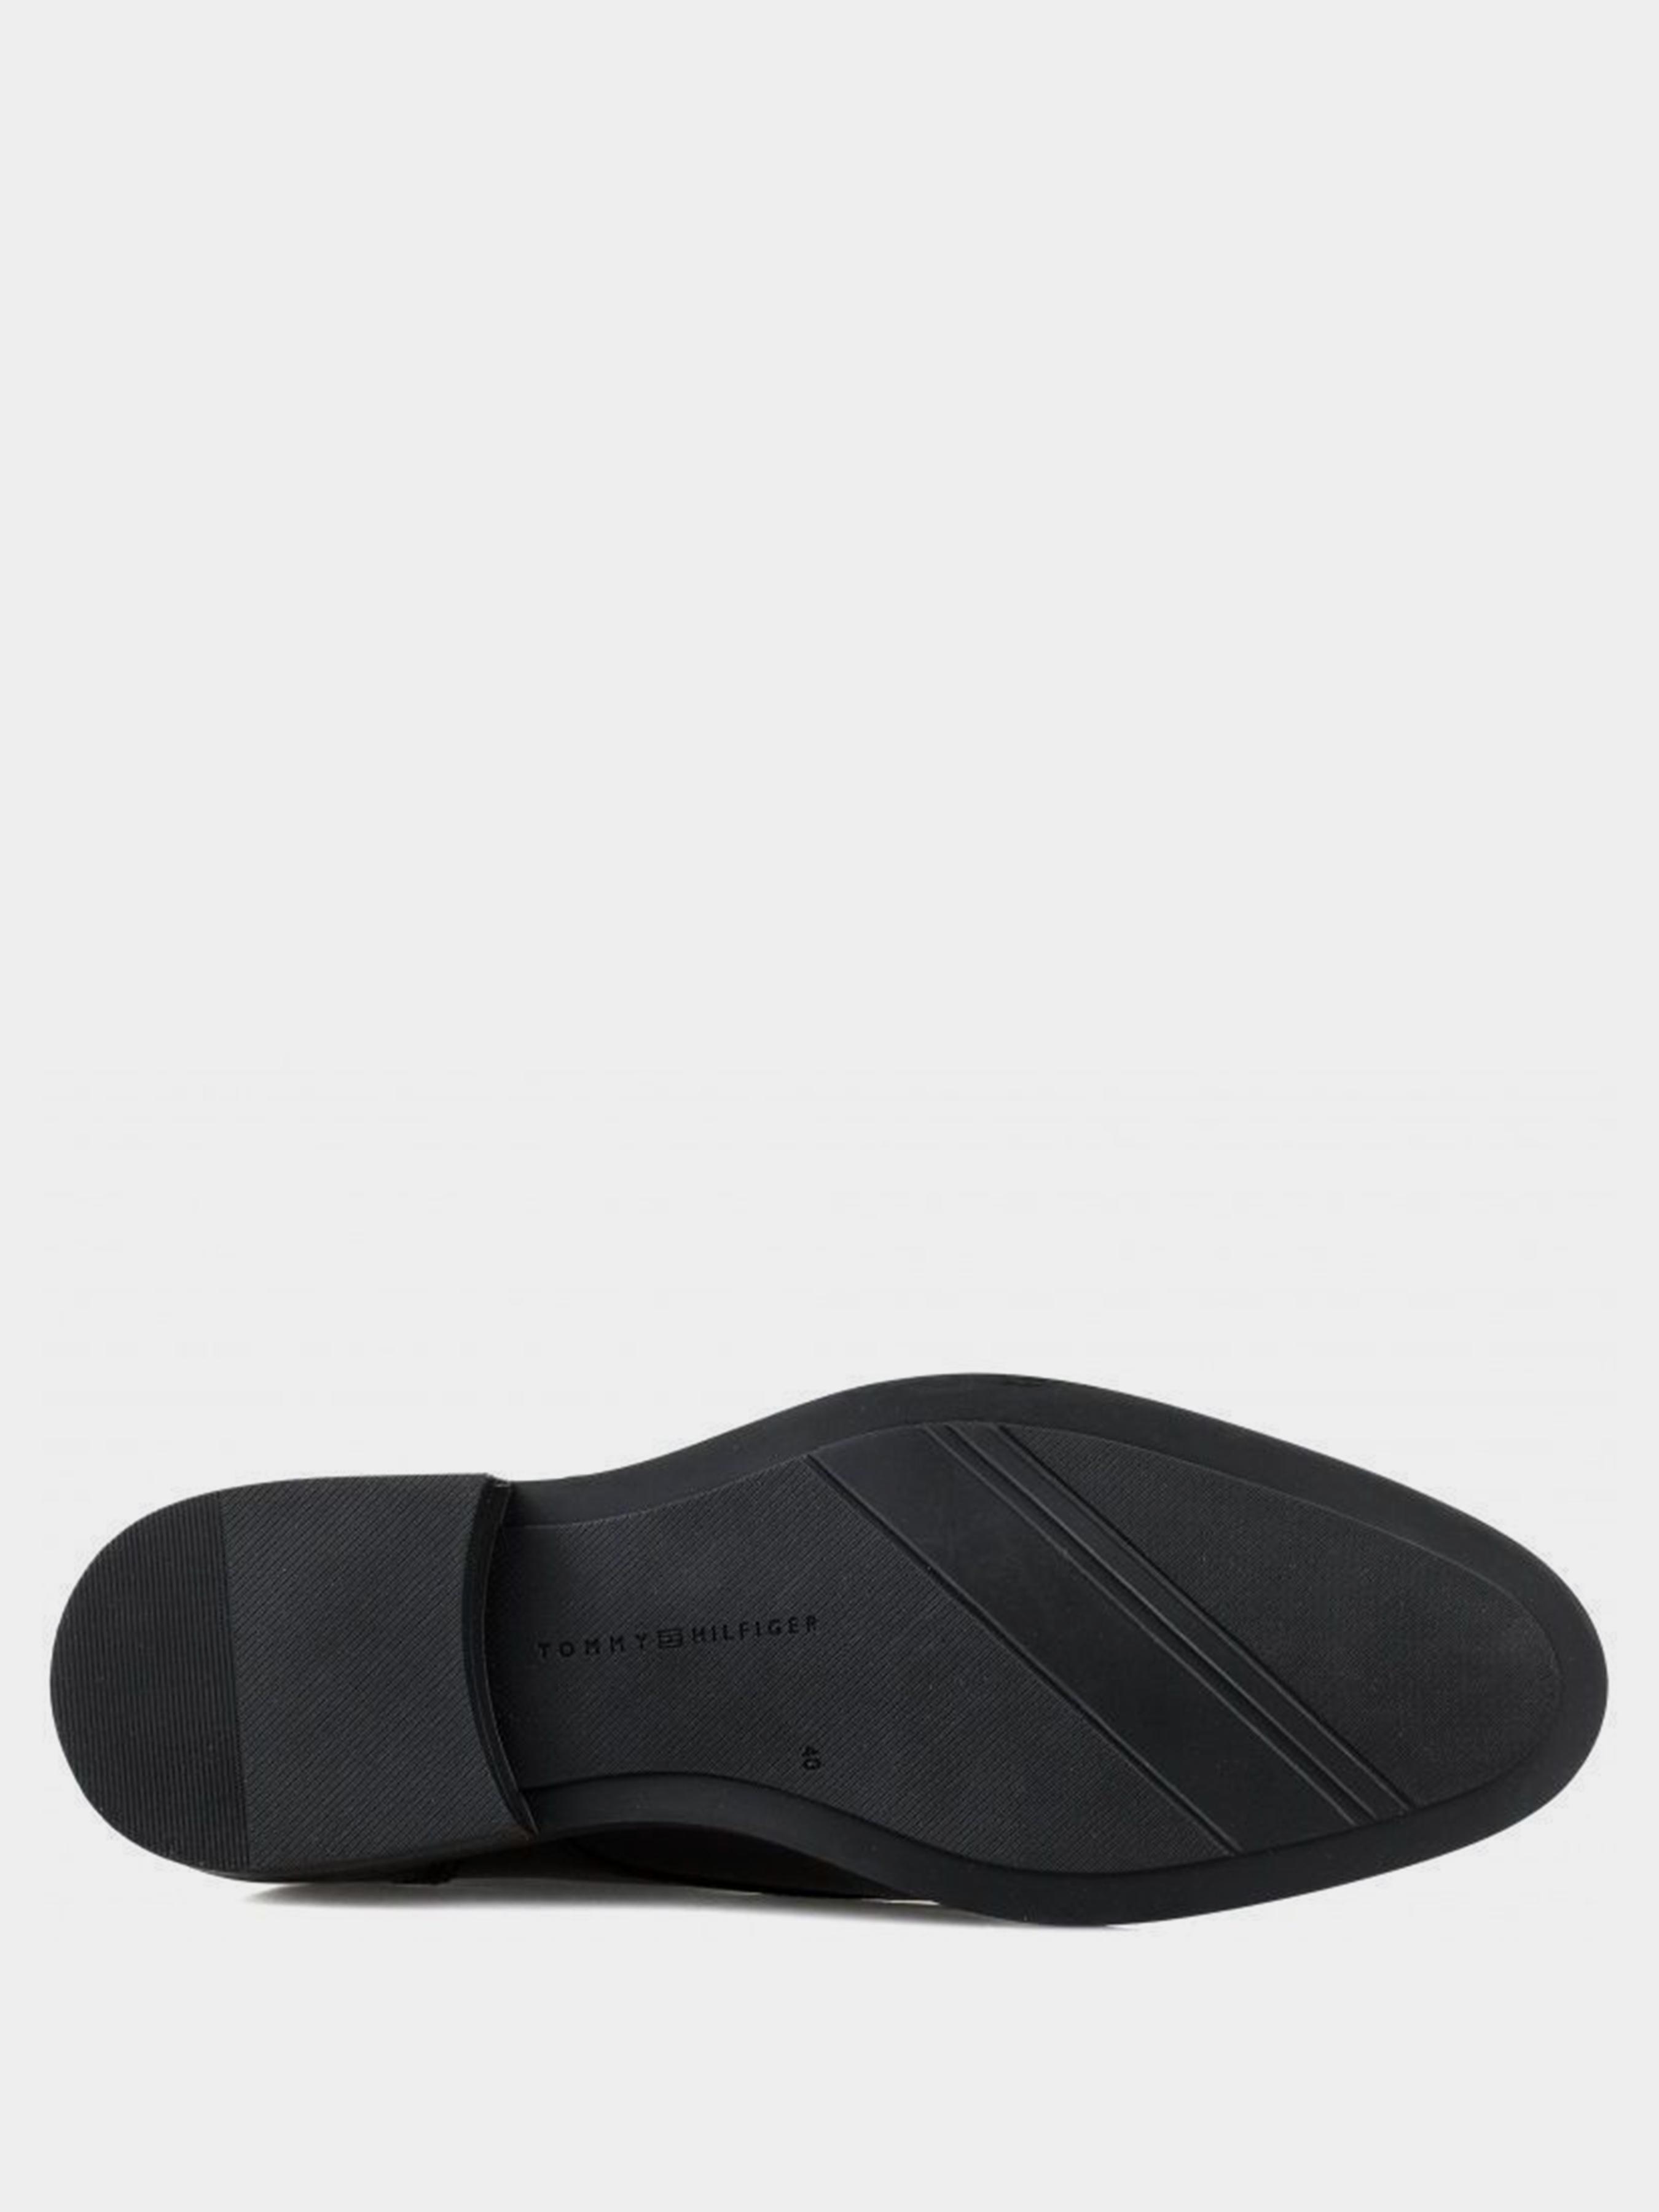 Ботинки мужские Tommy Hilfiger SPORT TE702 купить обувь, 2017